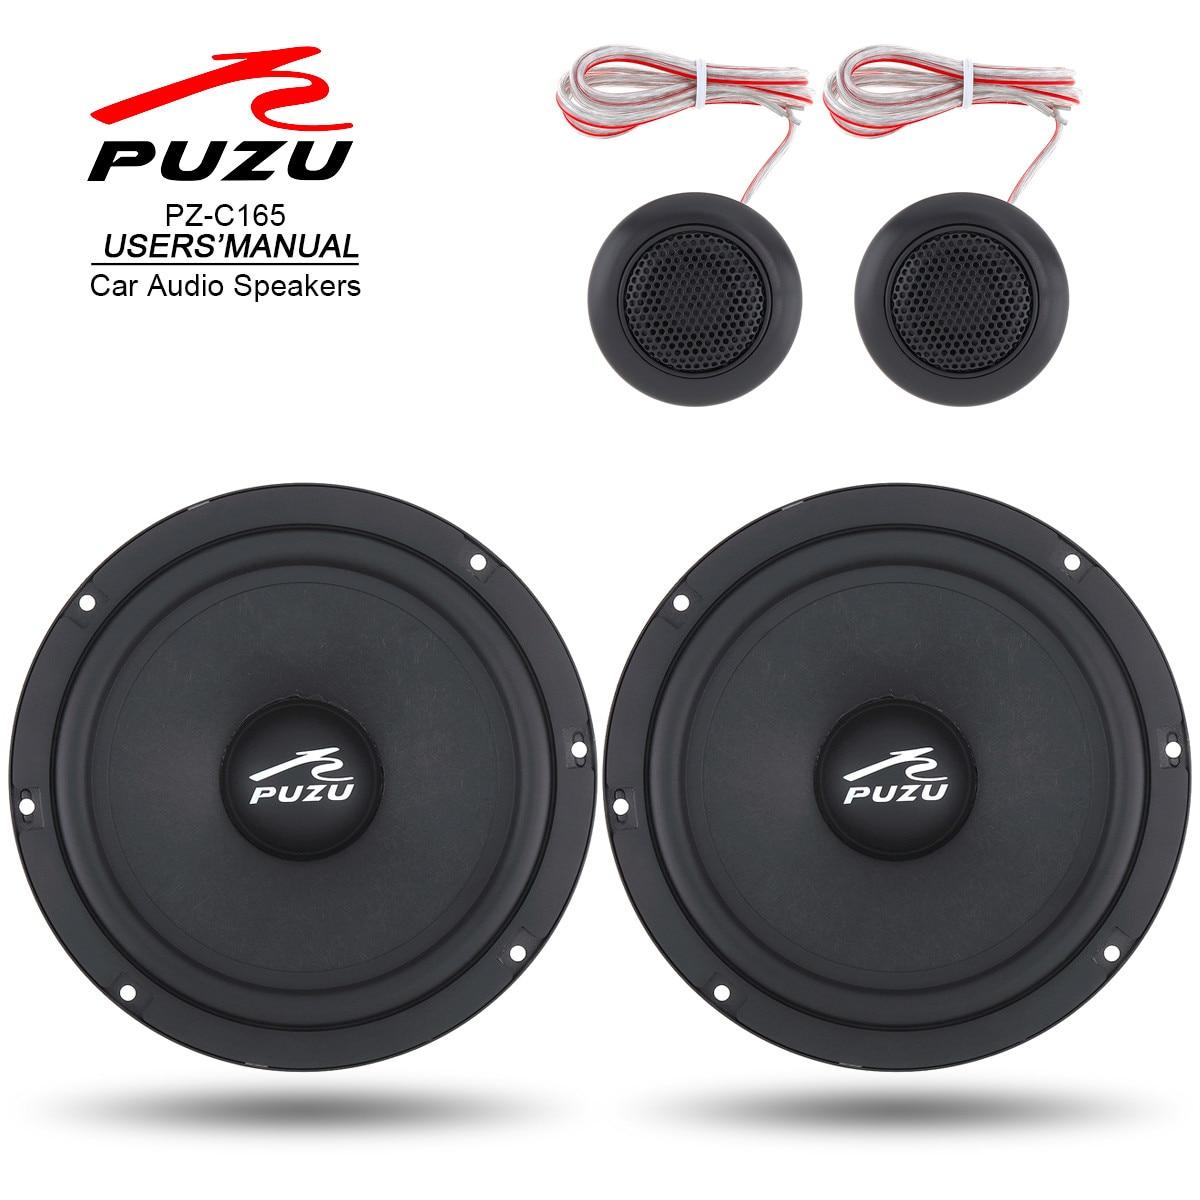 2 pièces 6.5 pouces 180W haut-parleur Coaxial de voiture haut-parleur haut-parleur stéréo haute fréquence avec Tweeter et diviseur de fréquence